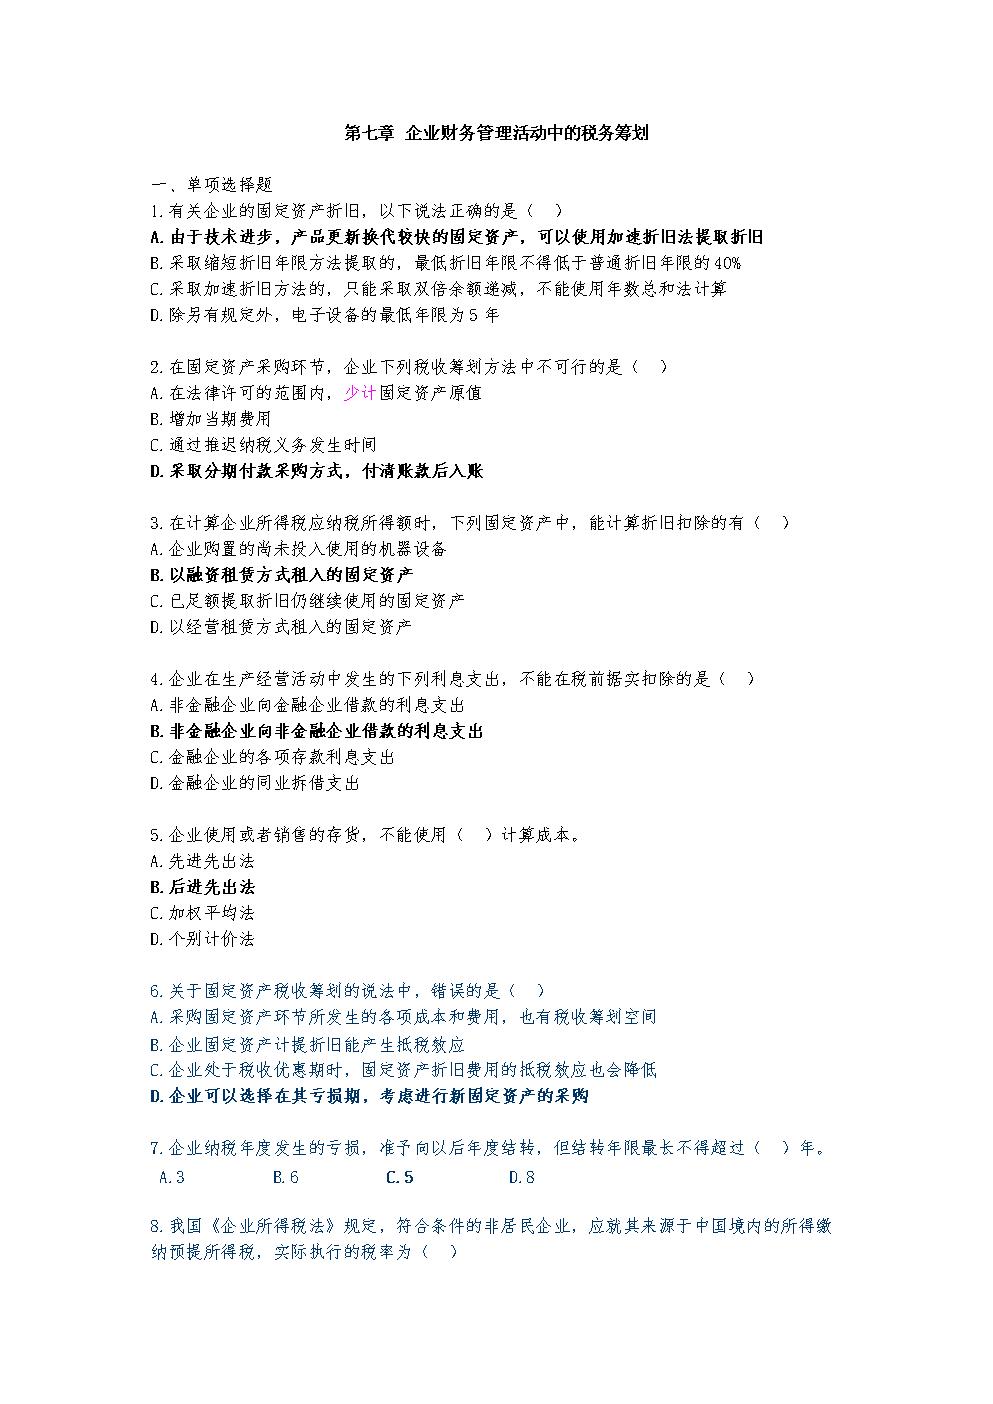 7税收筹划课后答案.docx